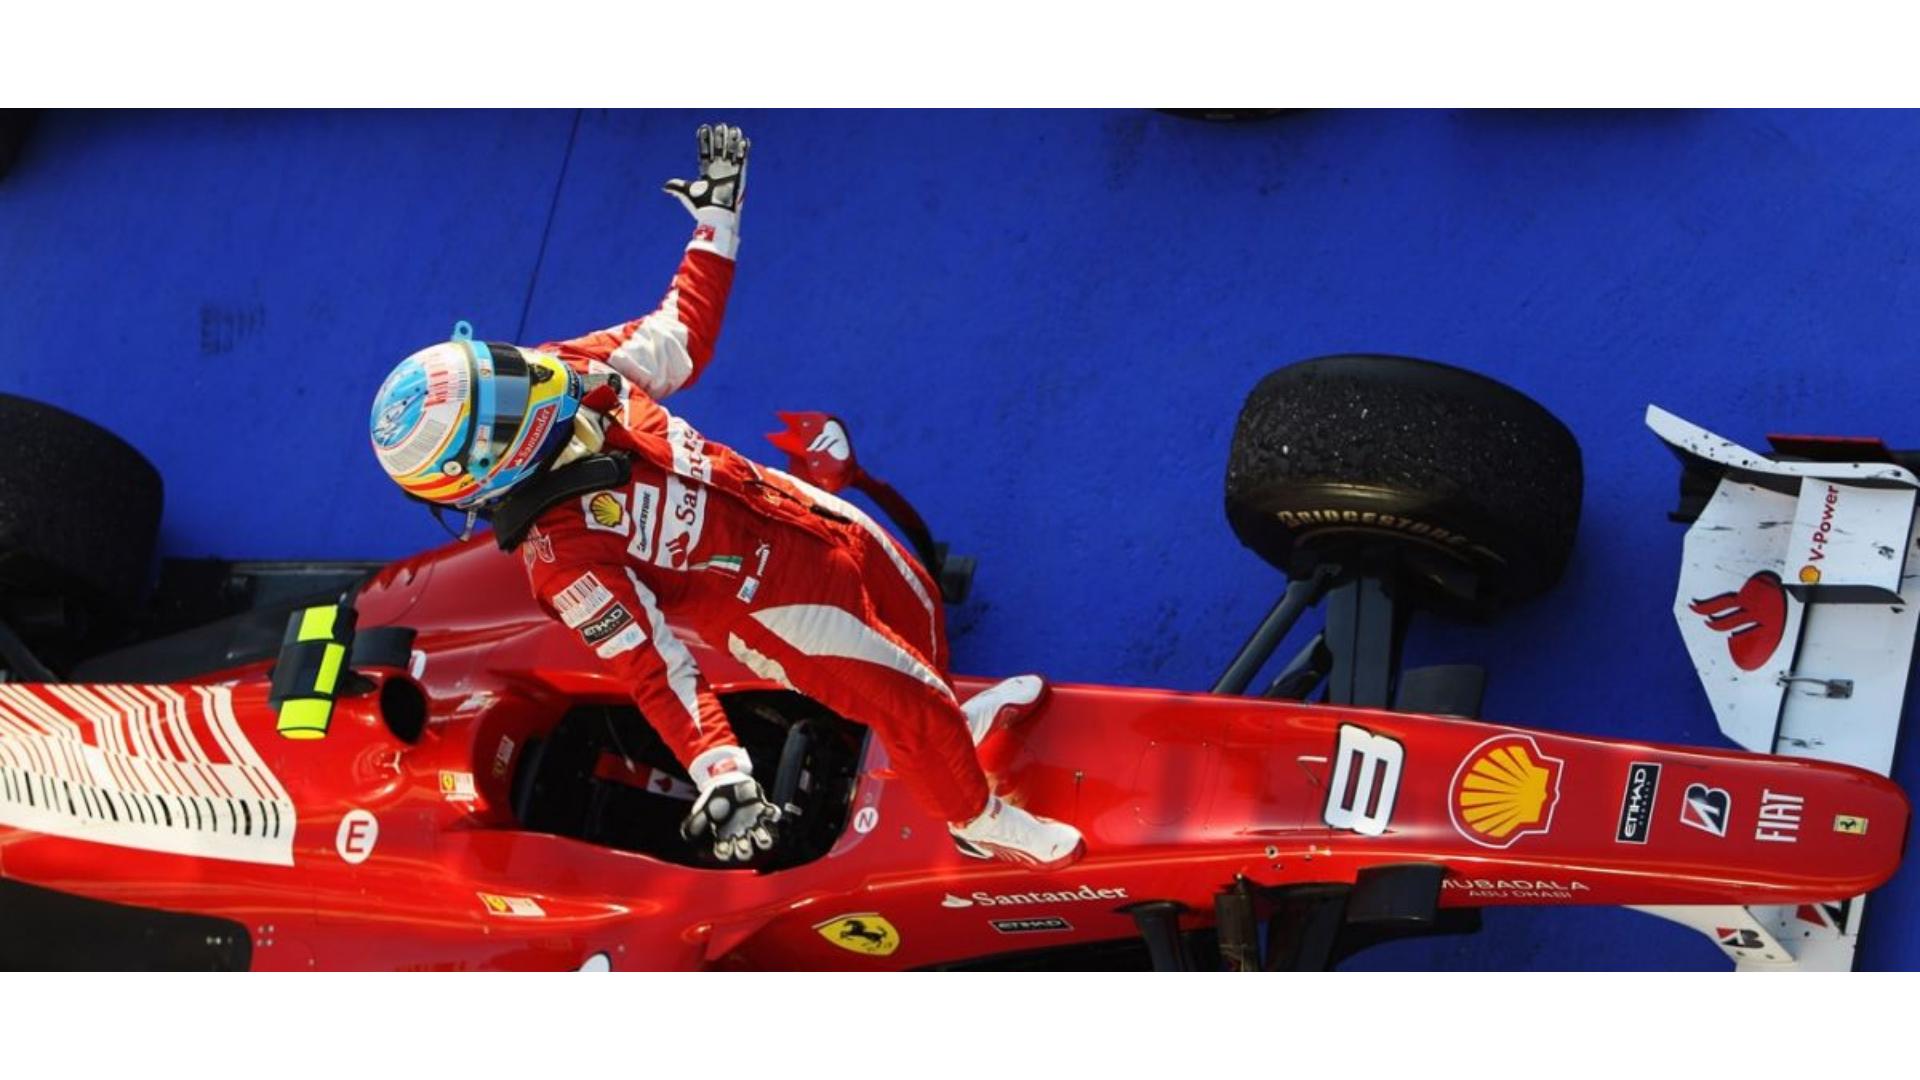 Ferrari f1 aracının pilotuna ait bir görsel.